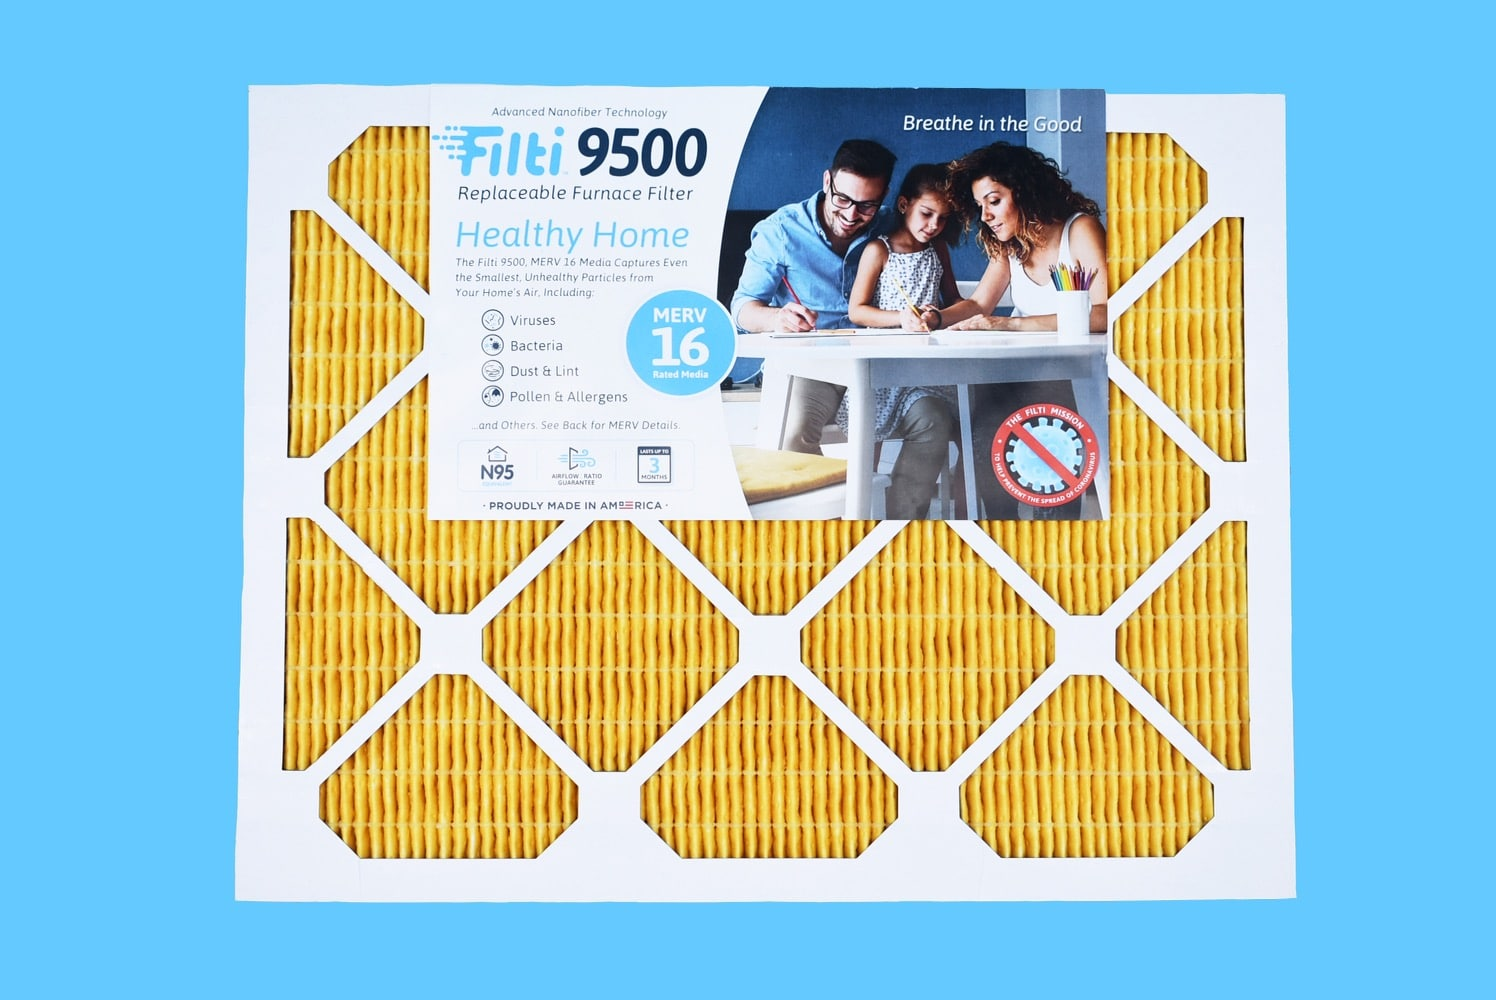 filti 9500 replaceable furnace filter